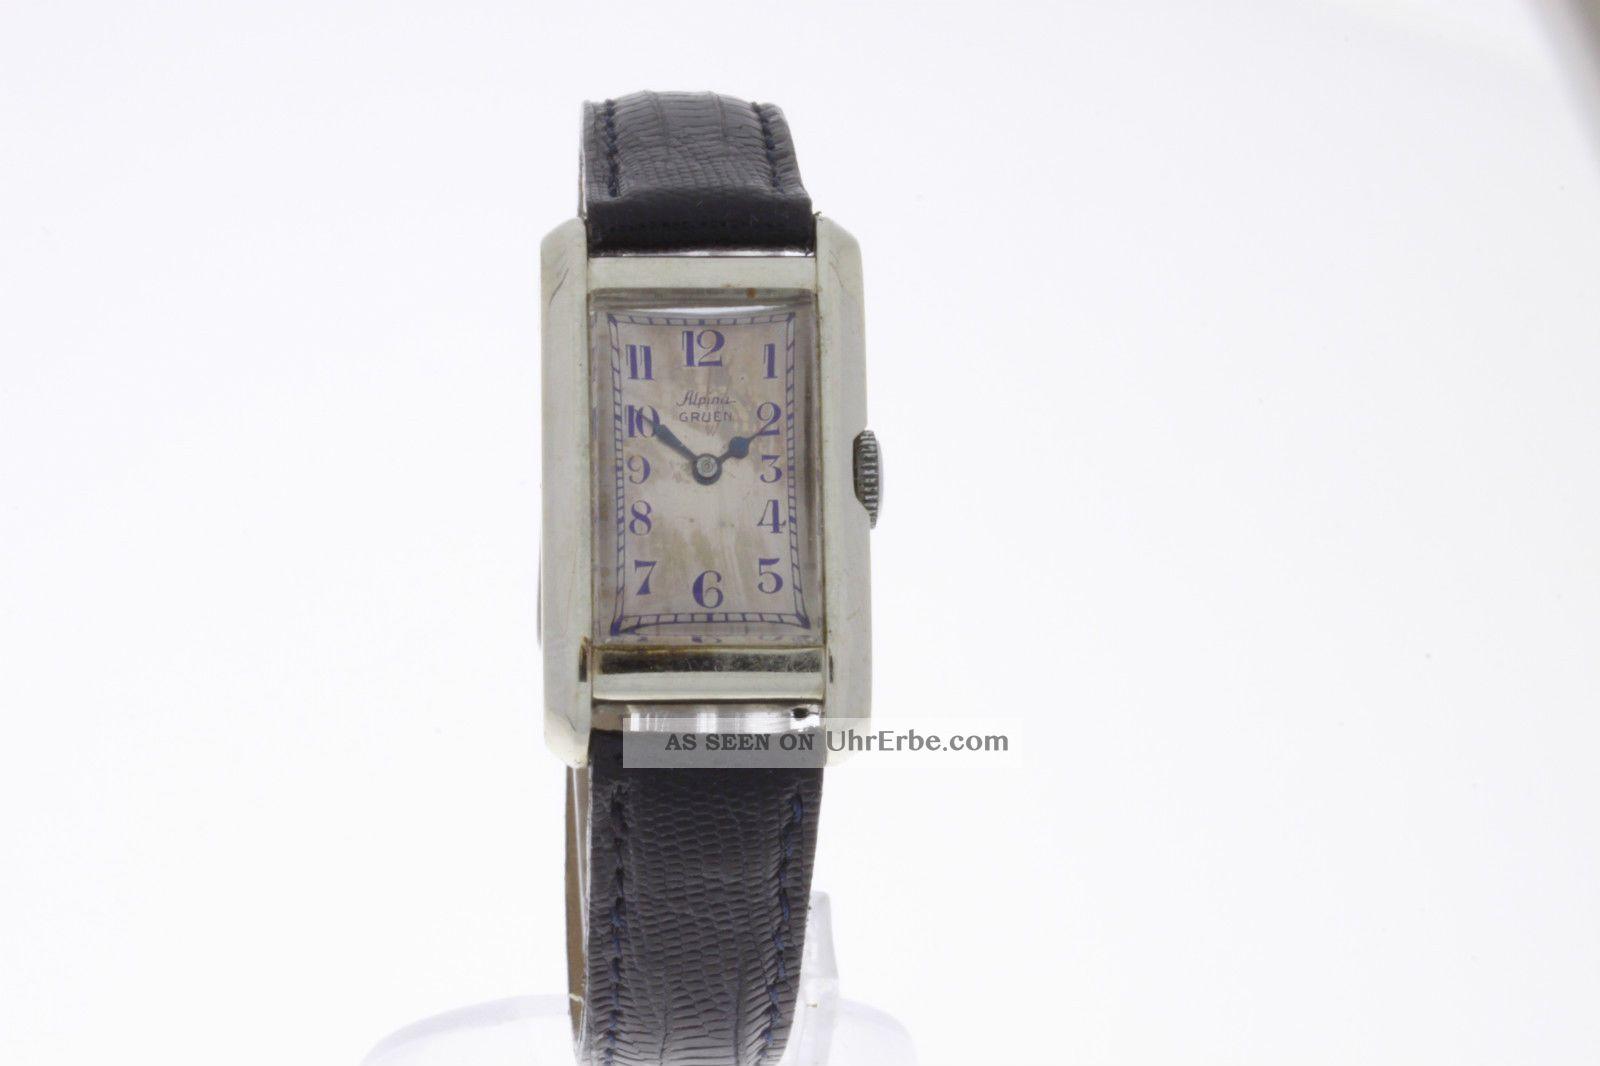 Alpina Grue Vintage Damenuhr Aus 14 Karat Weissgold Mit Handaufzug Armbanduhren Bild